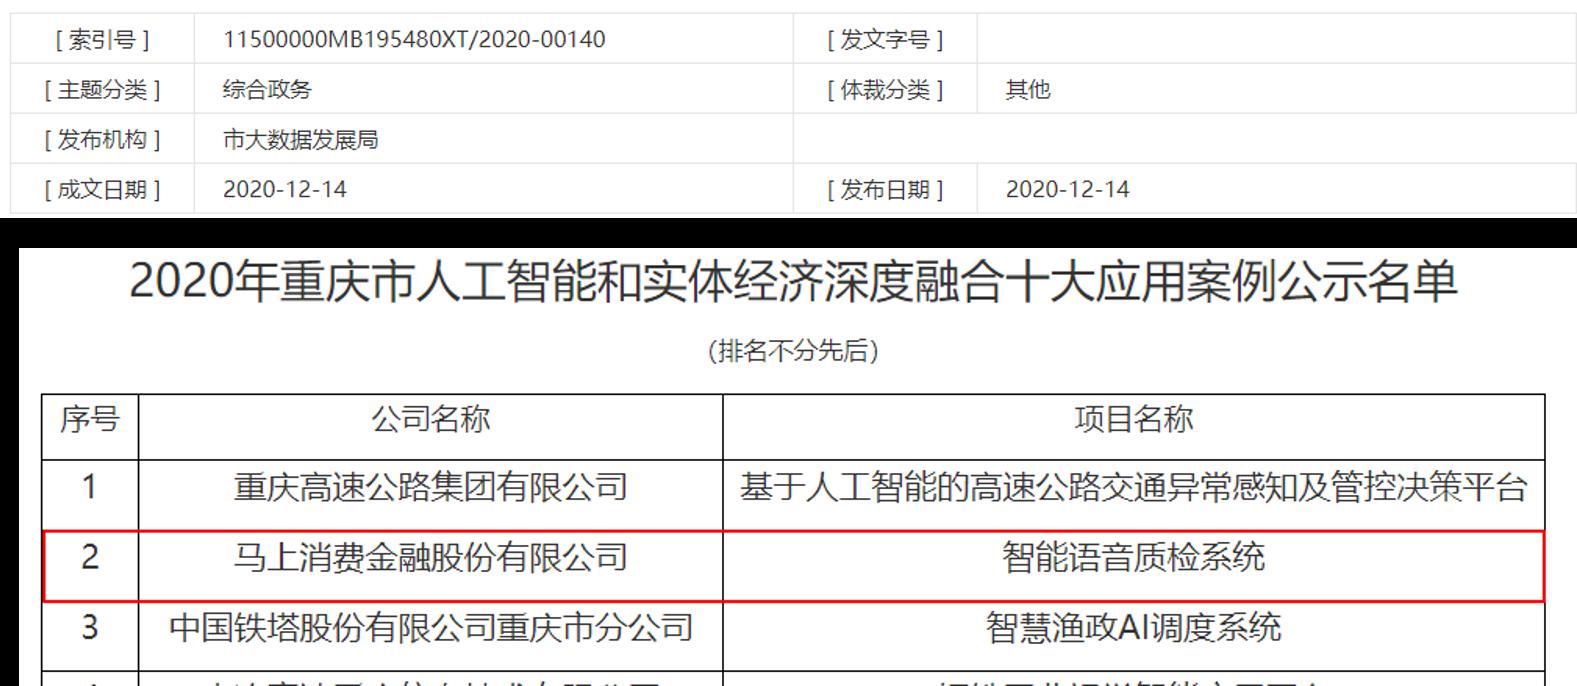 """马上消费两年入围""""重庆市人工智能和实体经济深度融合十大应用"""""""